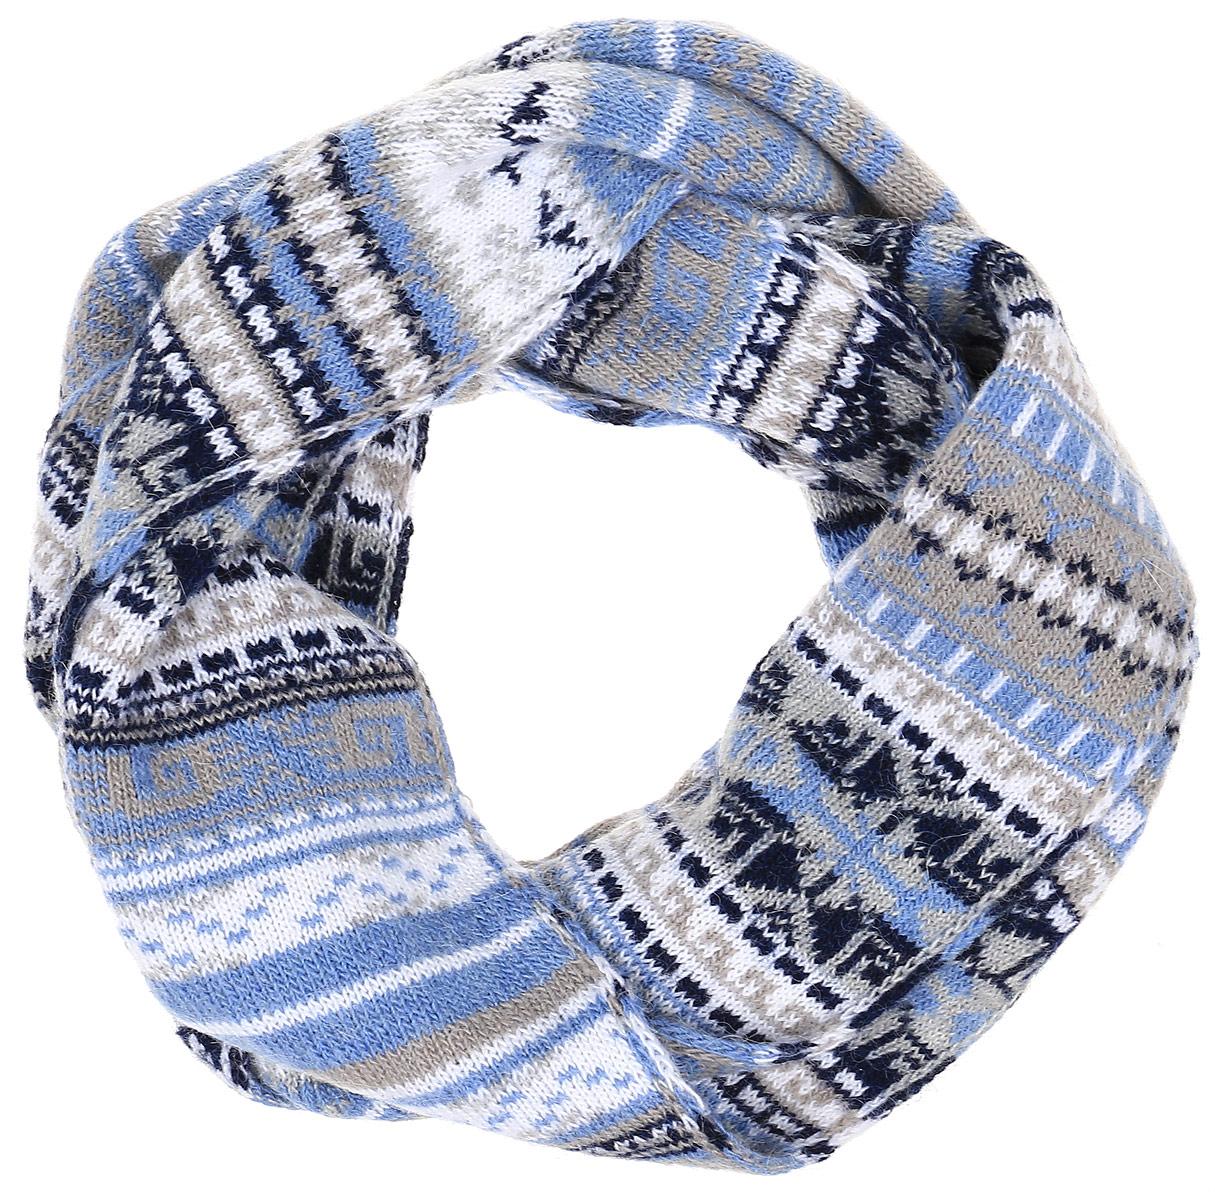 ШарфW16-12120_200Шарф Finn Flare станет отличным дополнением к вашему гардеробу в холодную погоду. Шарф, выполненный из акрила с добавлением альпаки и шерсти, очень мягкий, теплый и приятный на ощупь. Модель оформлена оригинальным принтом и дополнена металлической пластиной с названием бренда. Современный дизайн и расцветка делают этот шарф модным и стильным аксессуаром. Он подарит вам ощущение тепла, комфорта и уюта.